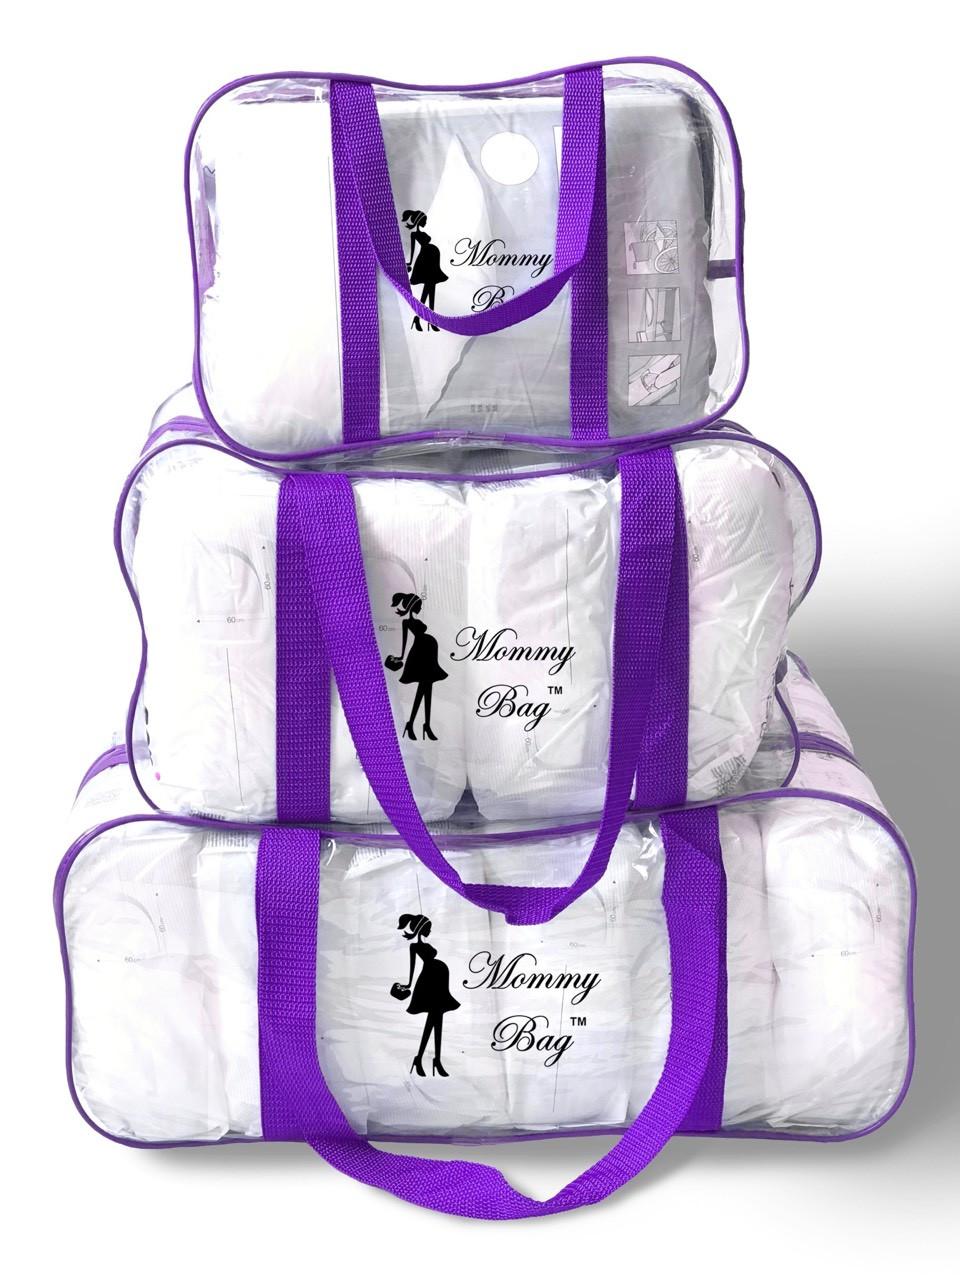 Набор из 3 прозрачных сумок в роддом Mommy Bag сумка - S,M,L - Фиолетовые